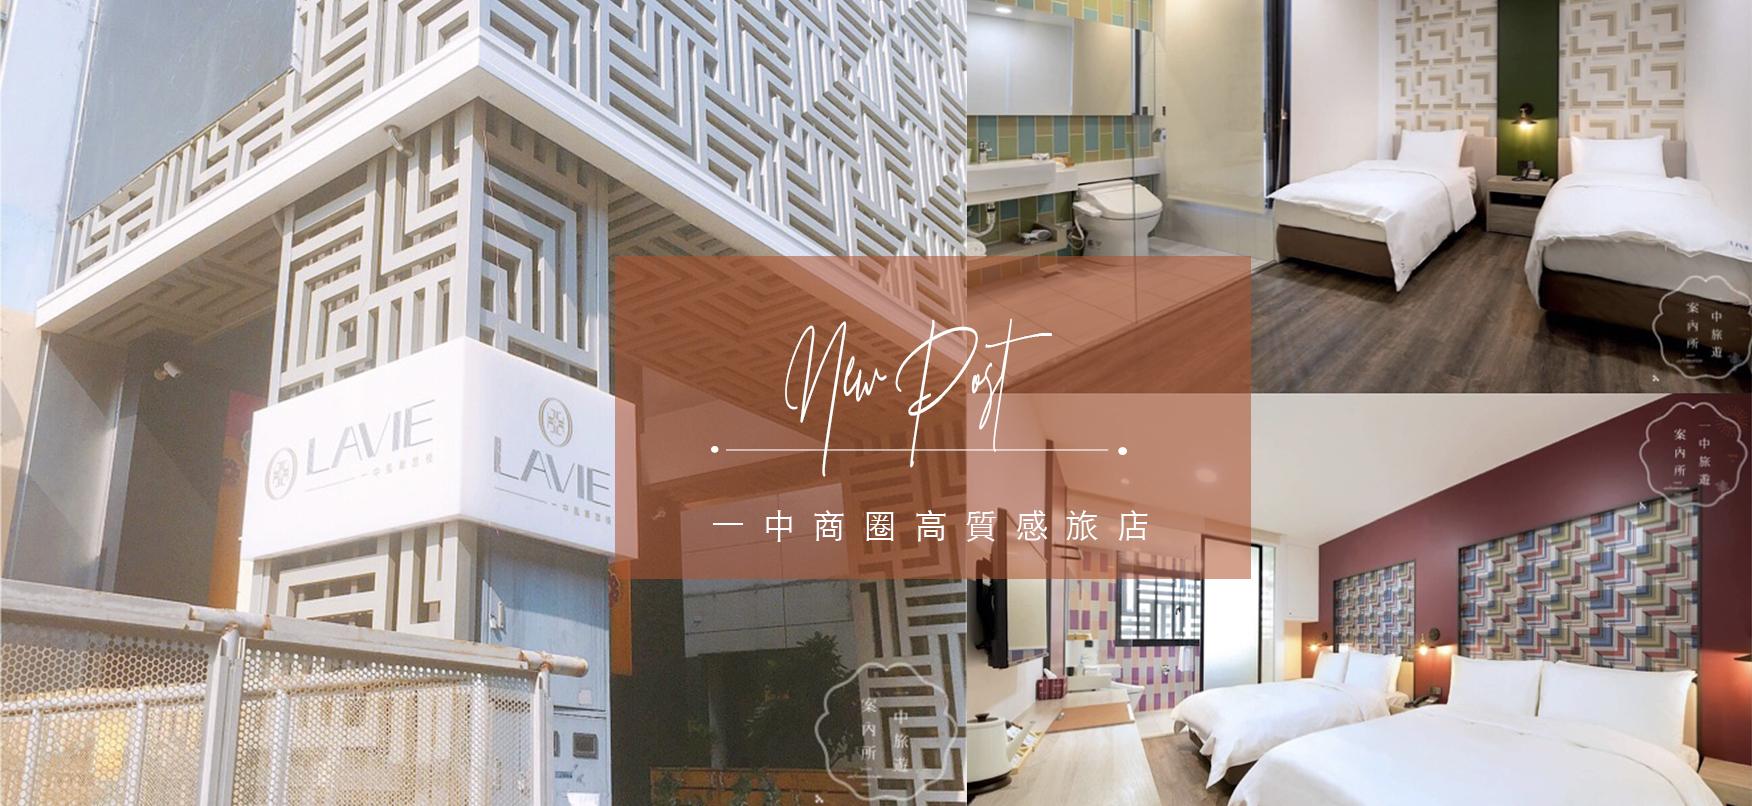 一中 LAVIE 風華旅棧|兼顧童趣與品質的好飯店